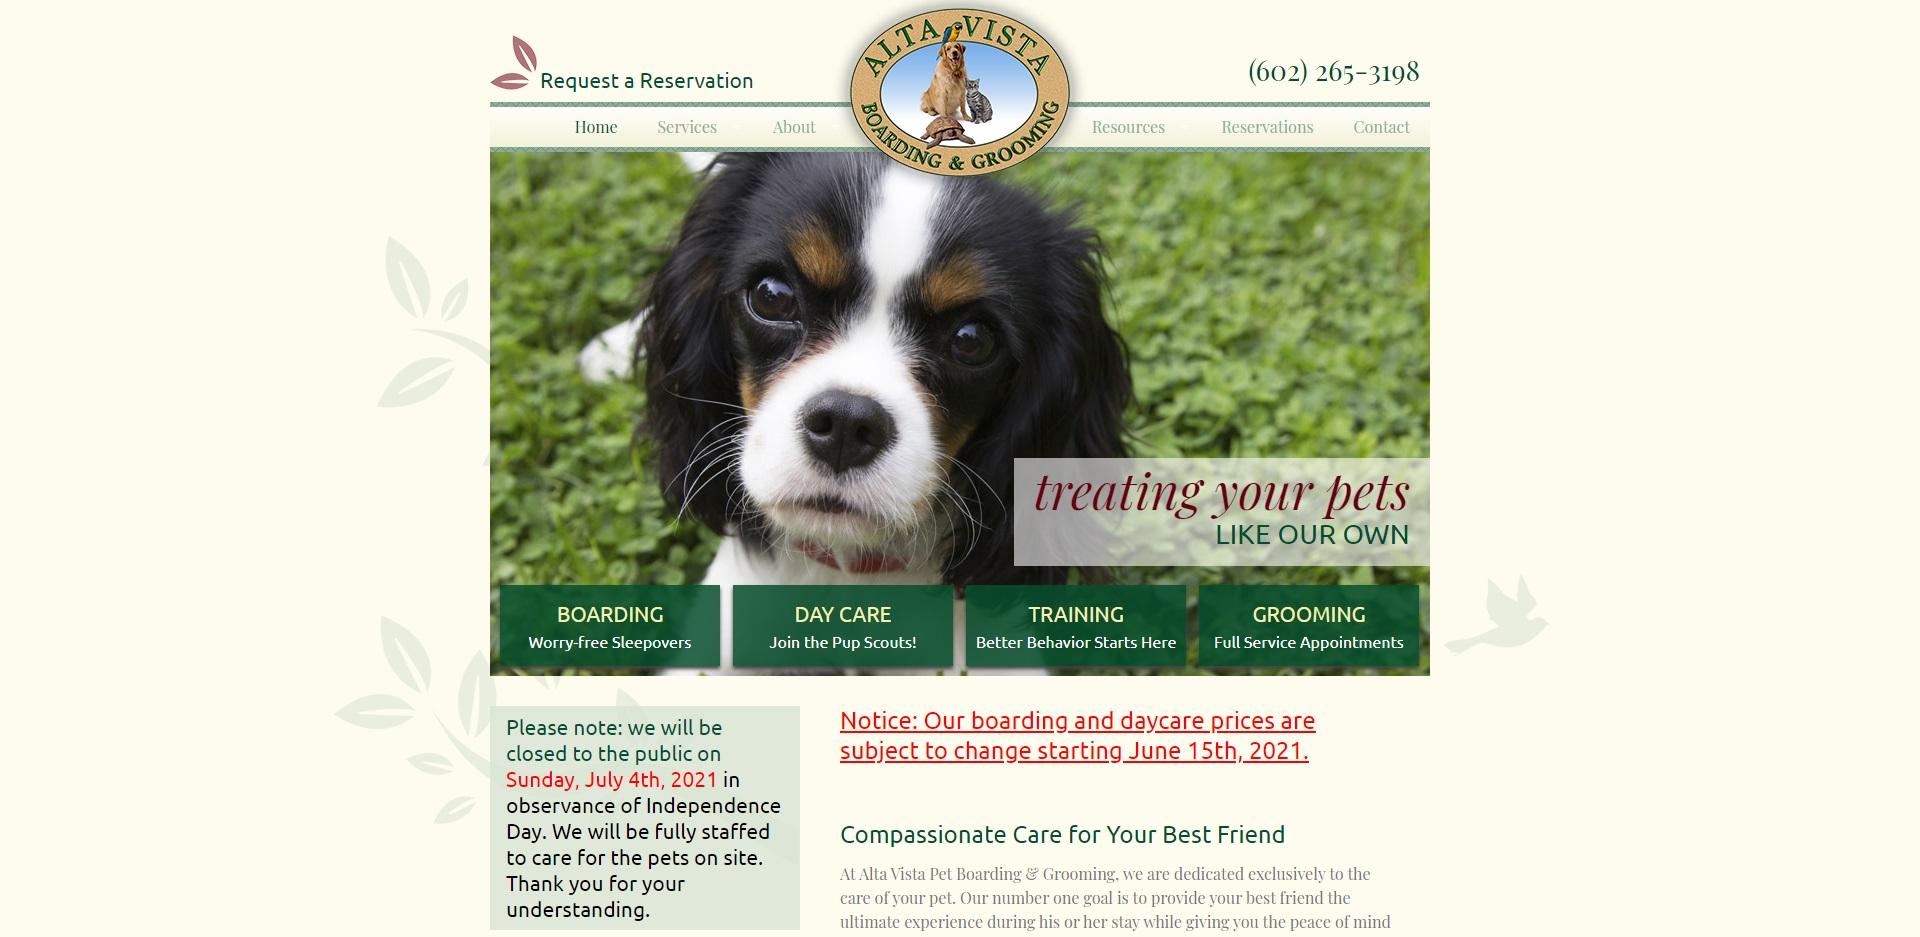 The Best Pet Care Centers in Phoenix, AZ